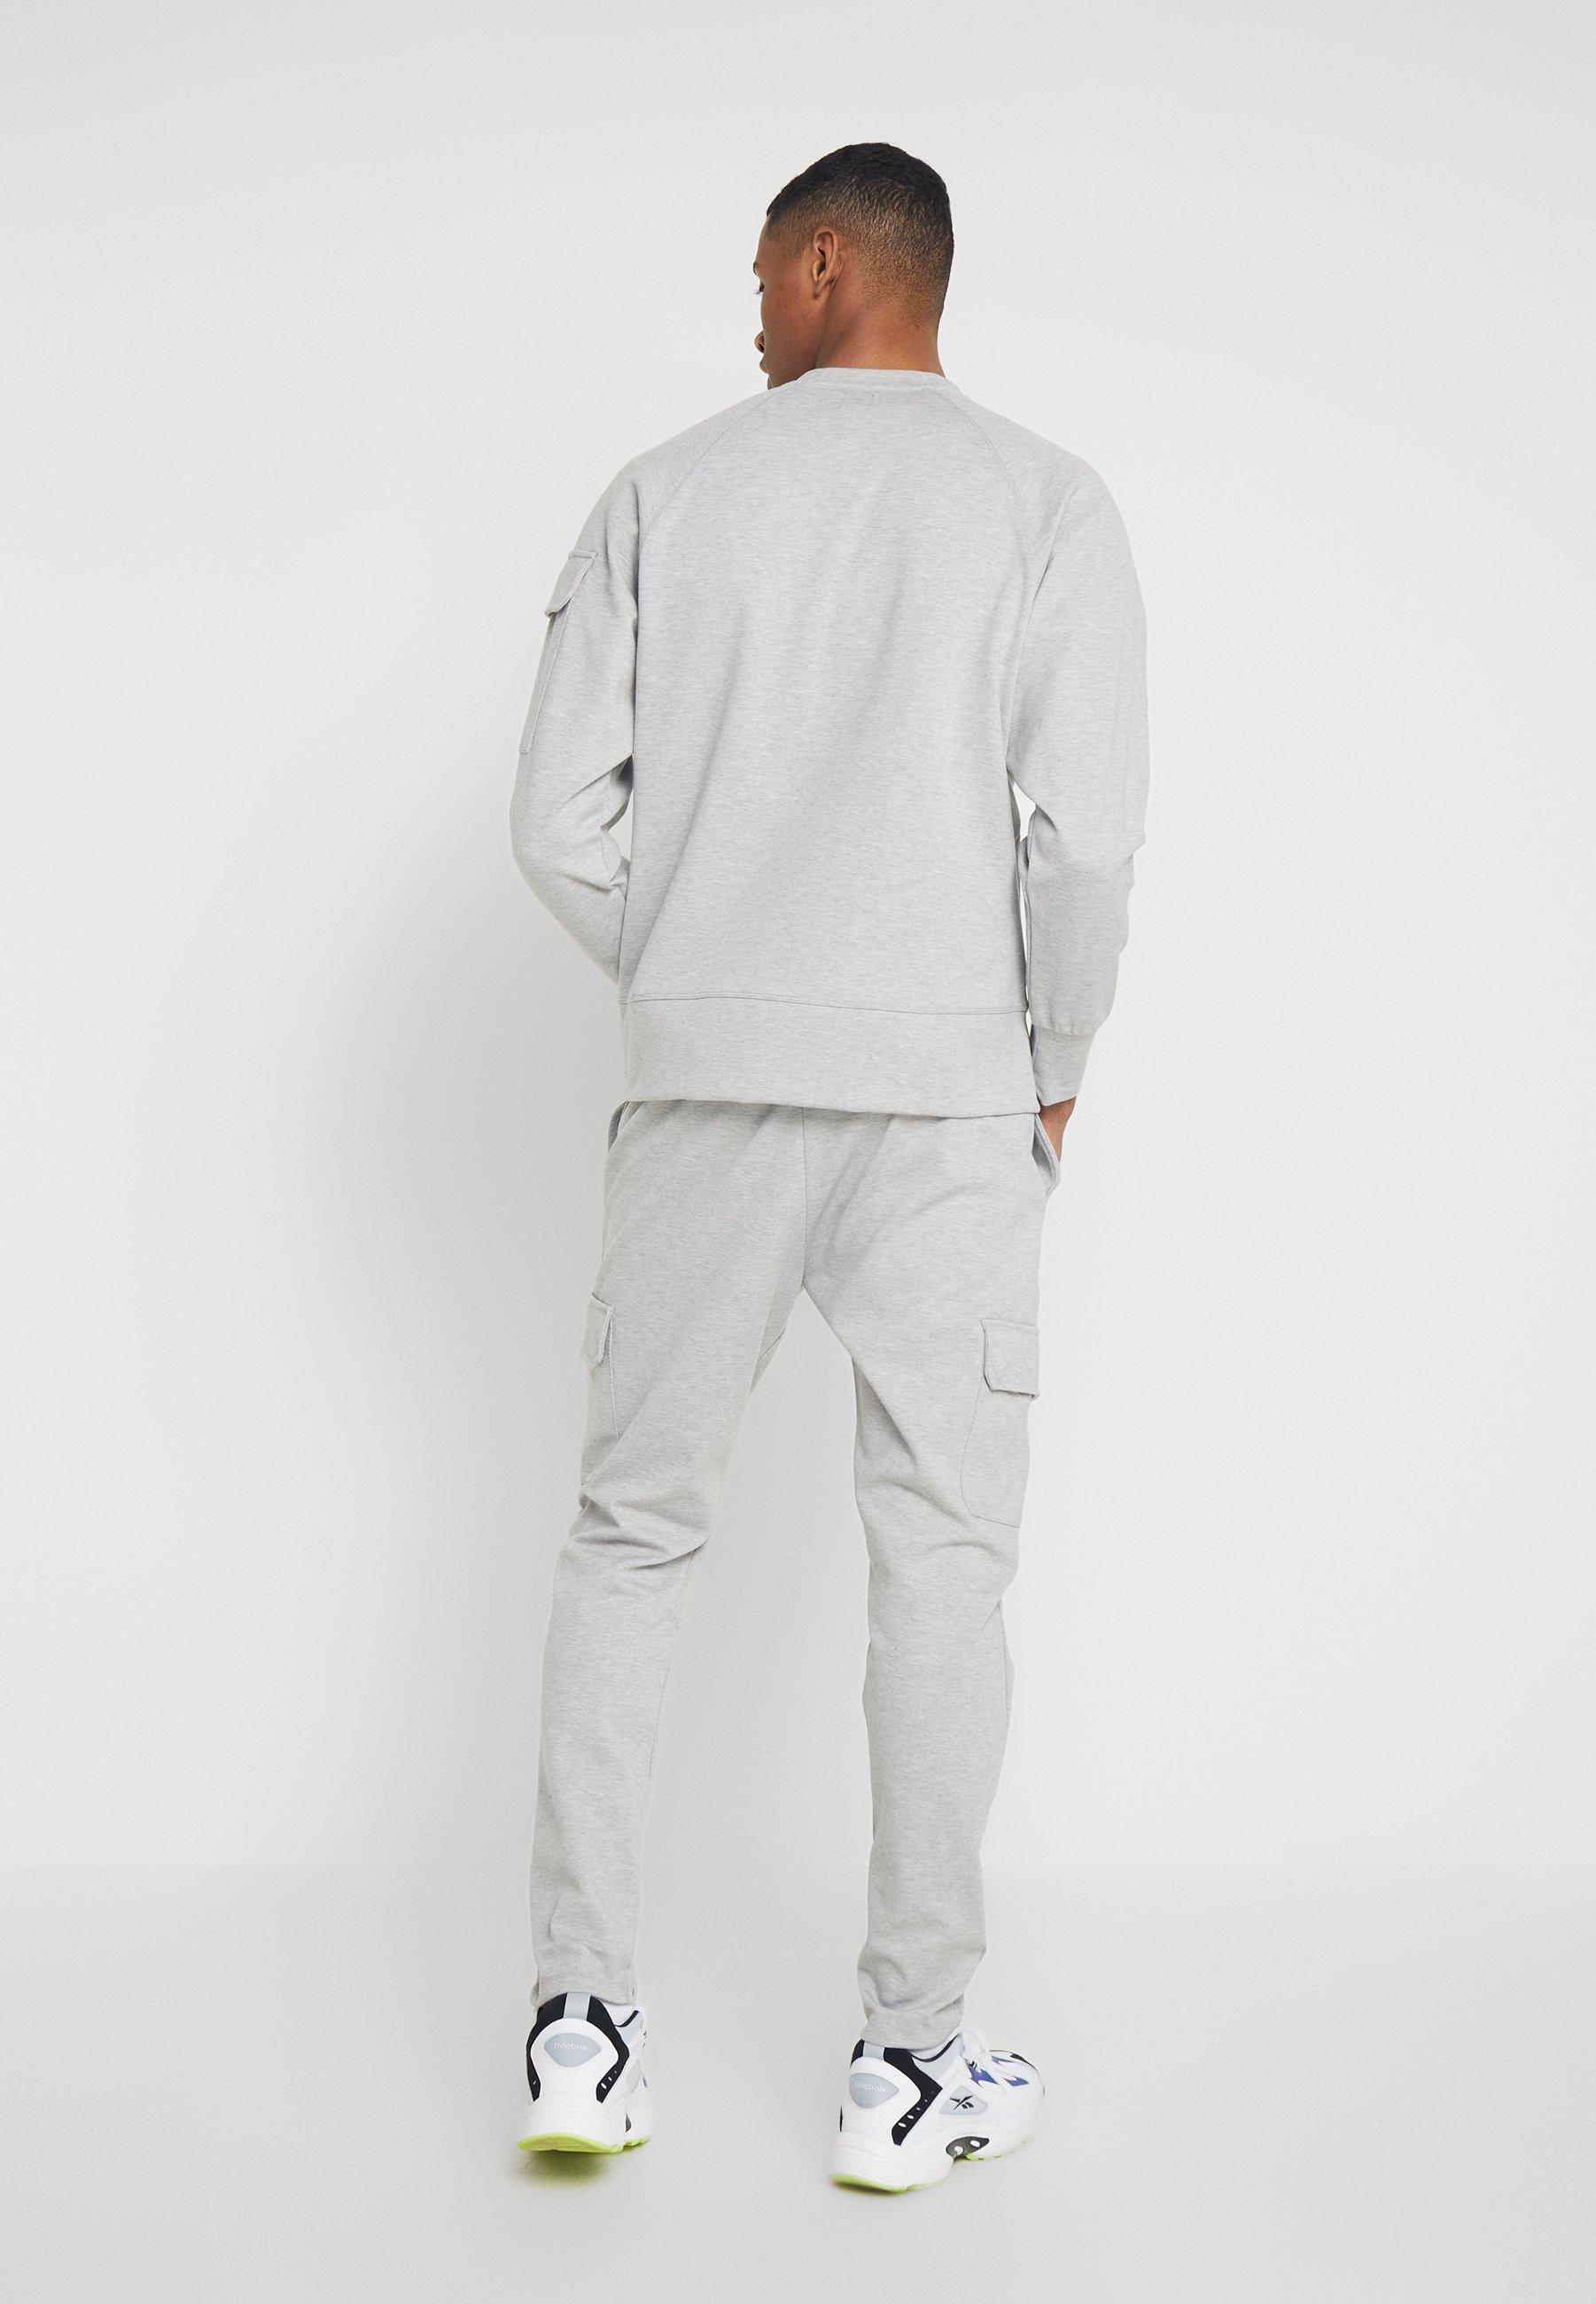 shirt LonguesGrey T River Island Manches À cj35ARqL4